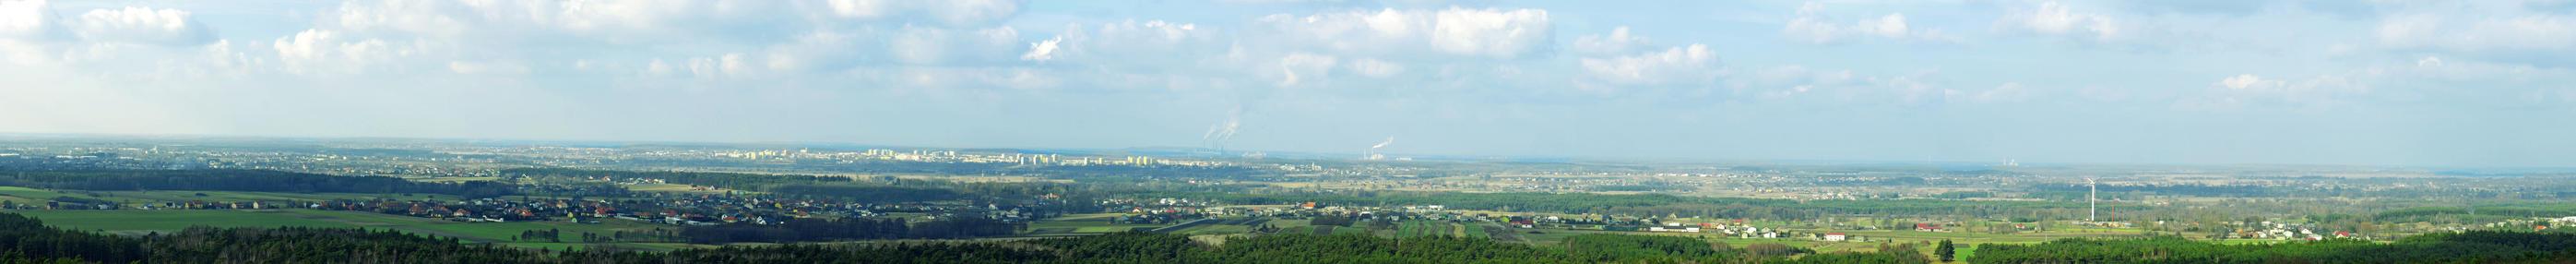 Panorama, Konin by NurNurIch